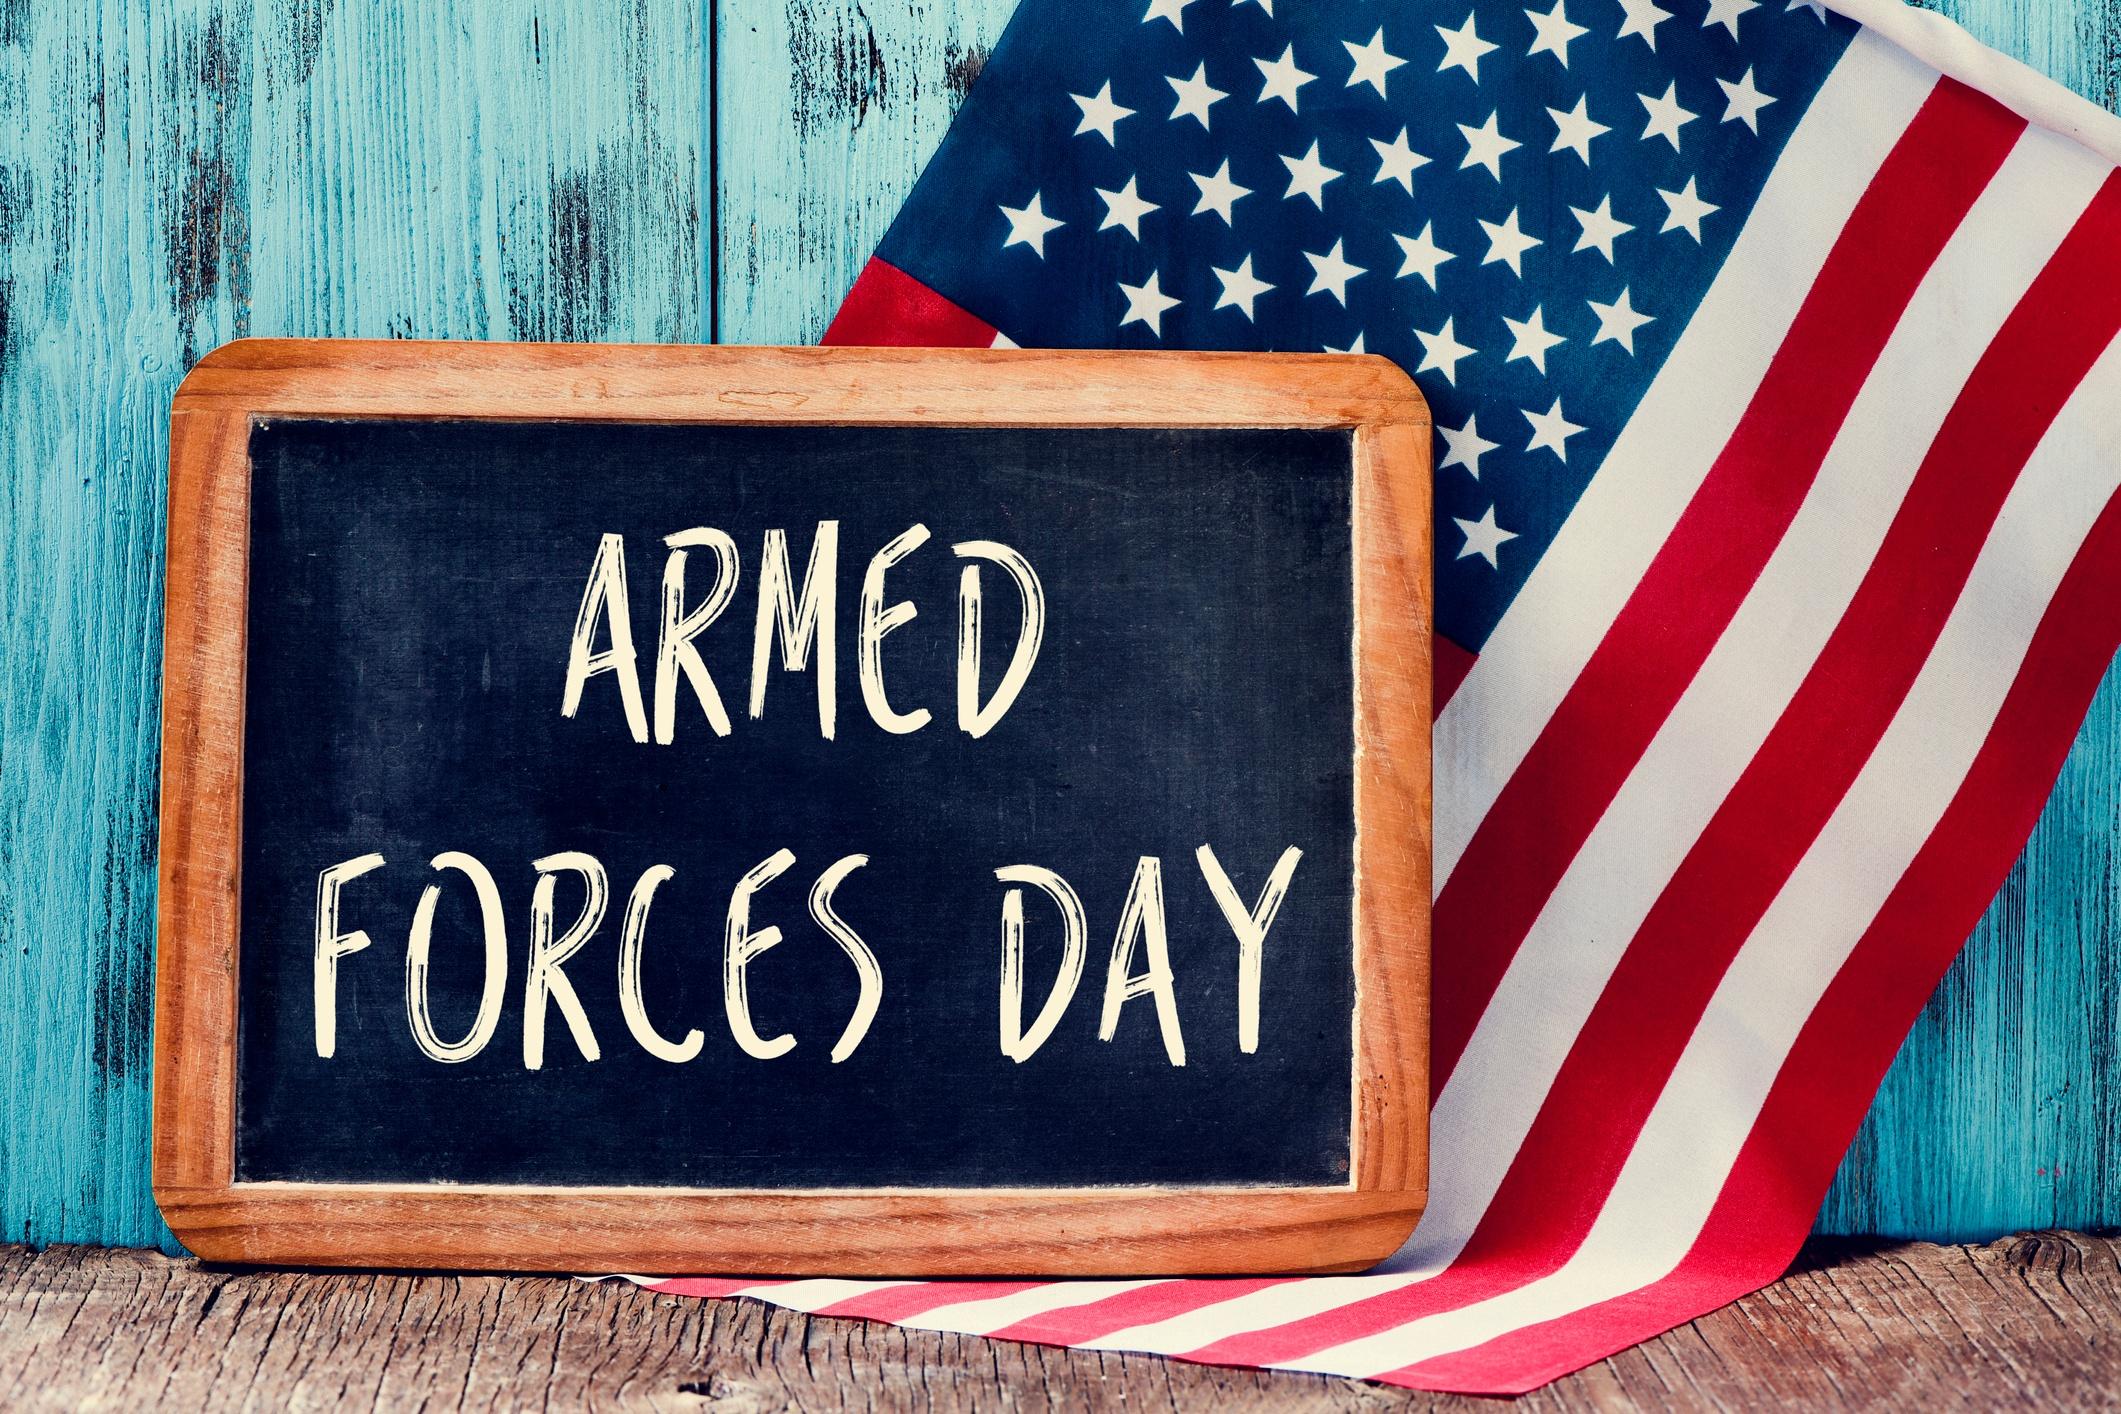 Celebrate-Armed-Forces-Day-Cincinnati.jpg